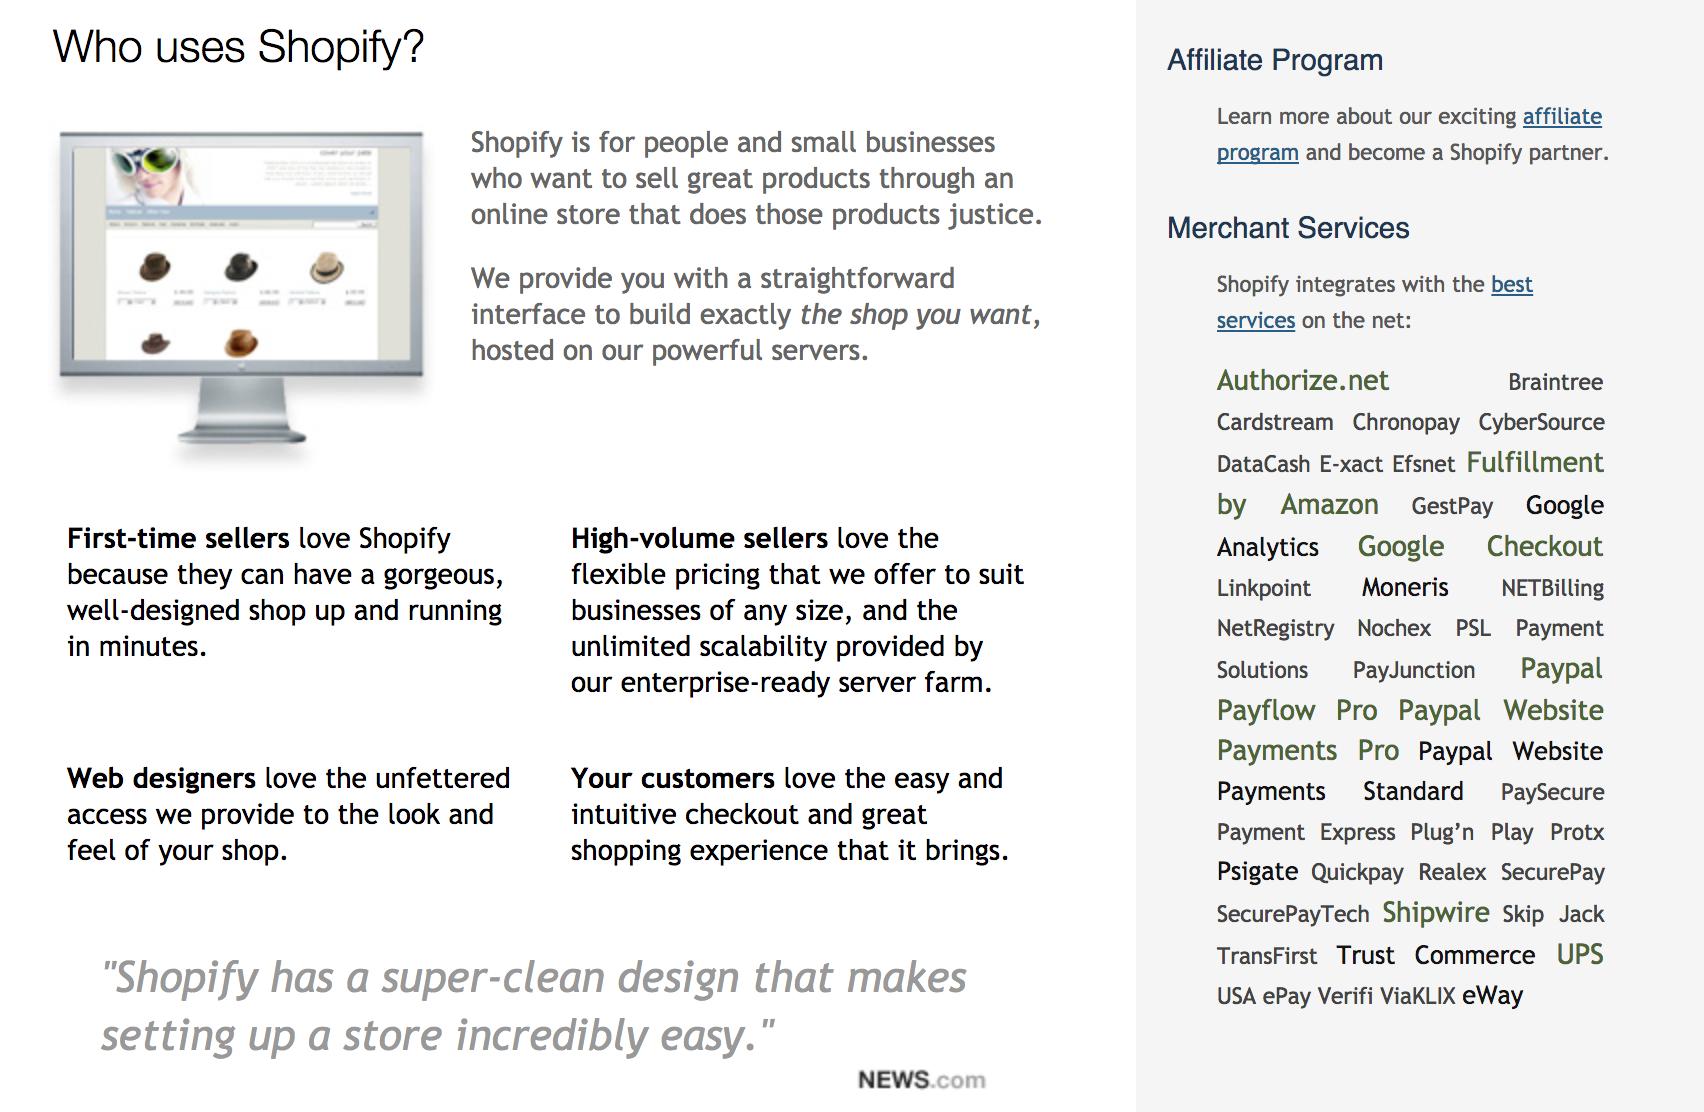 从滑雪板网店到百亿美元的电商帝国,Shopify是如何实现完美蜕变的?(上)